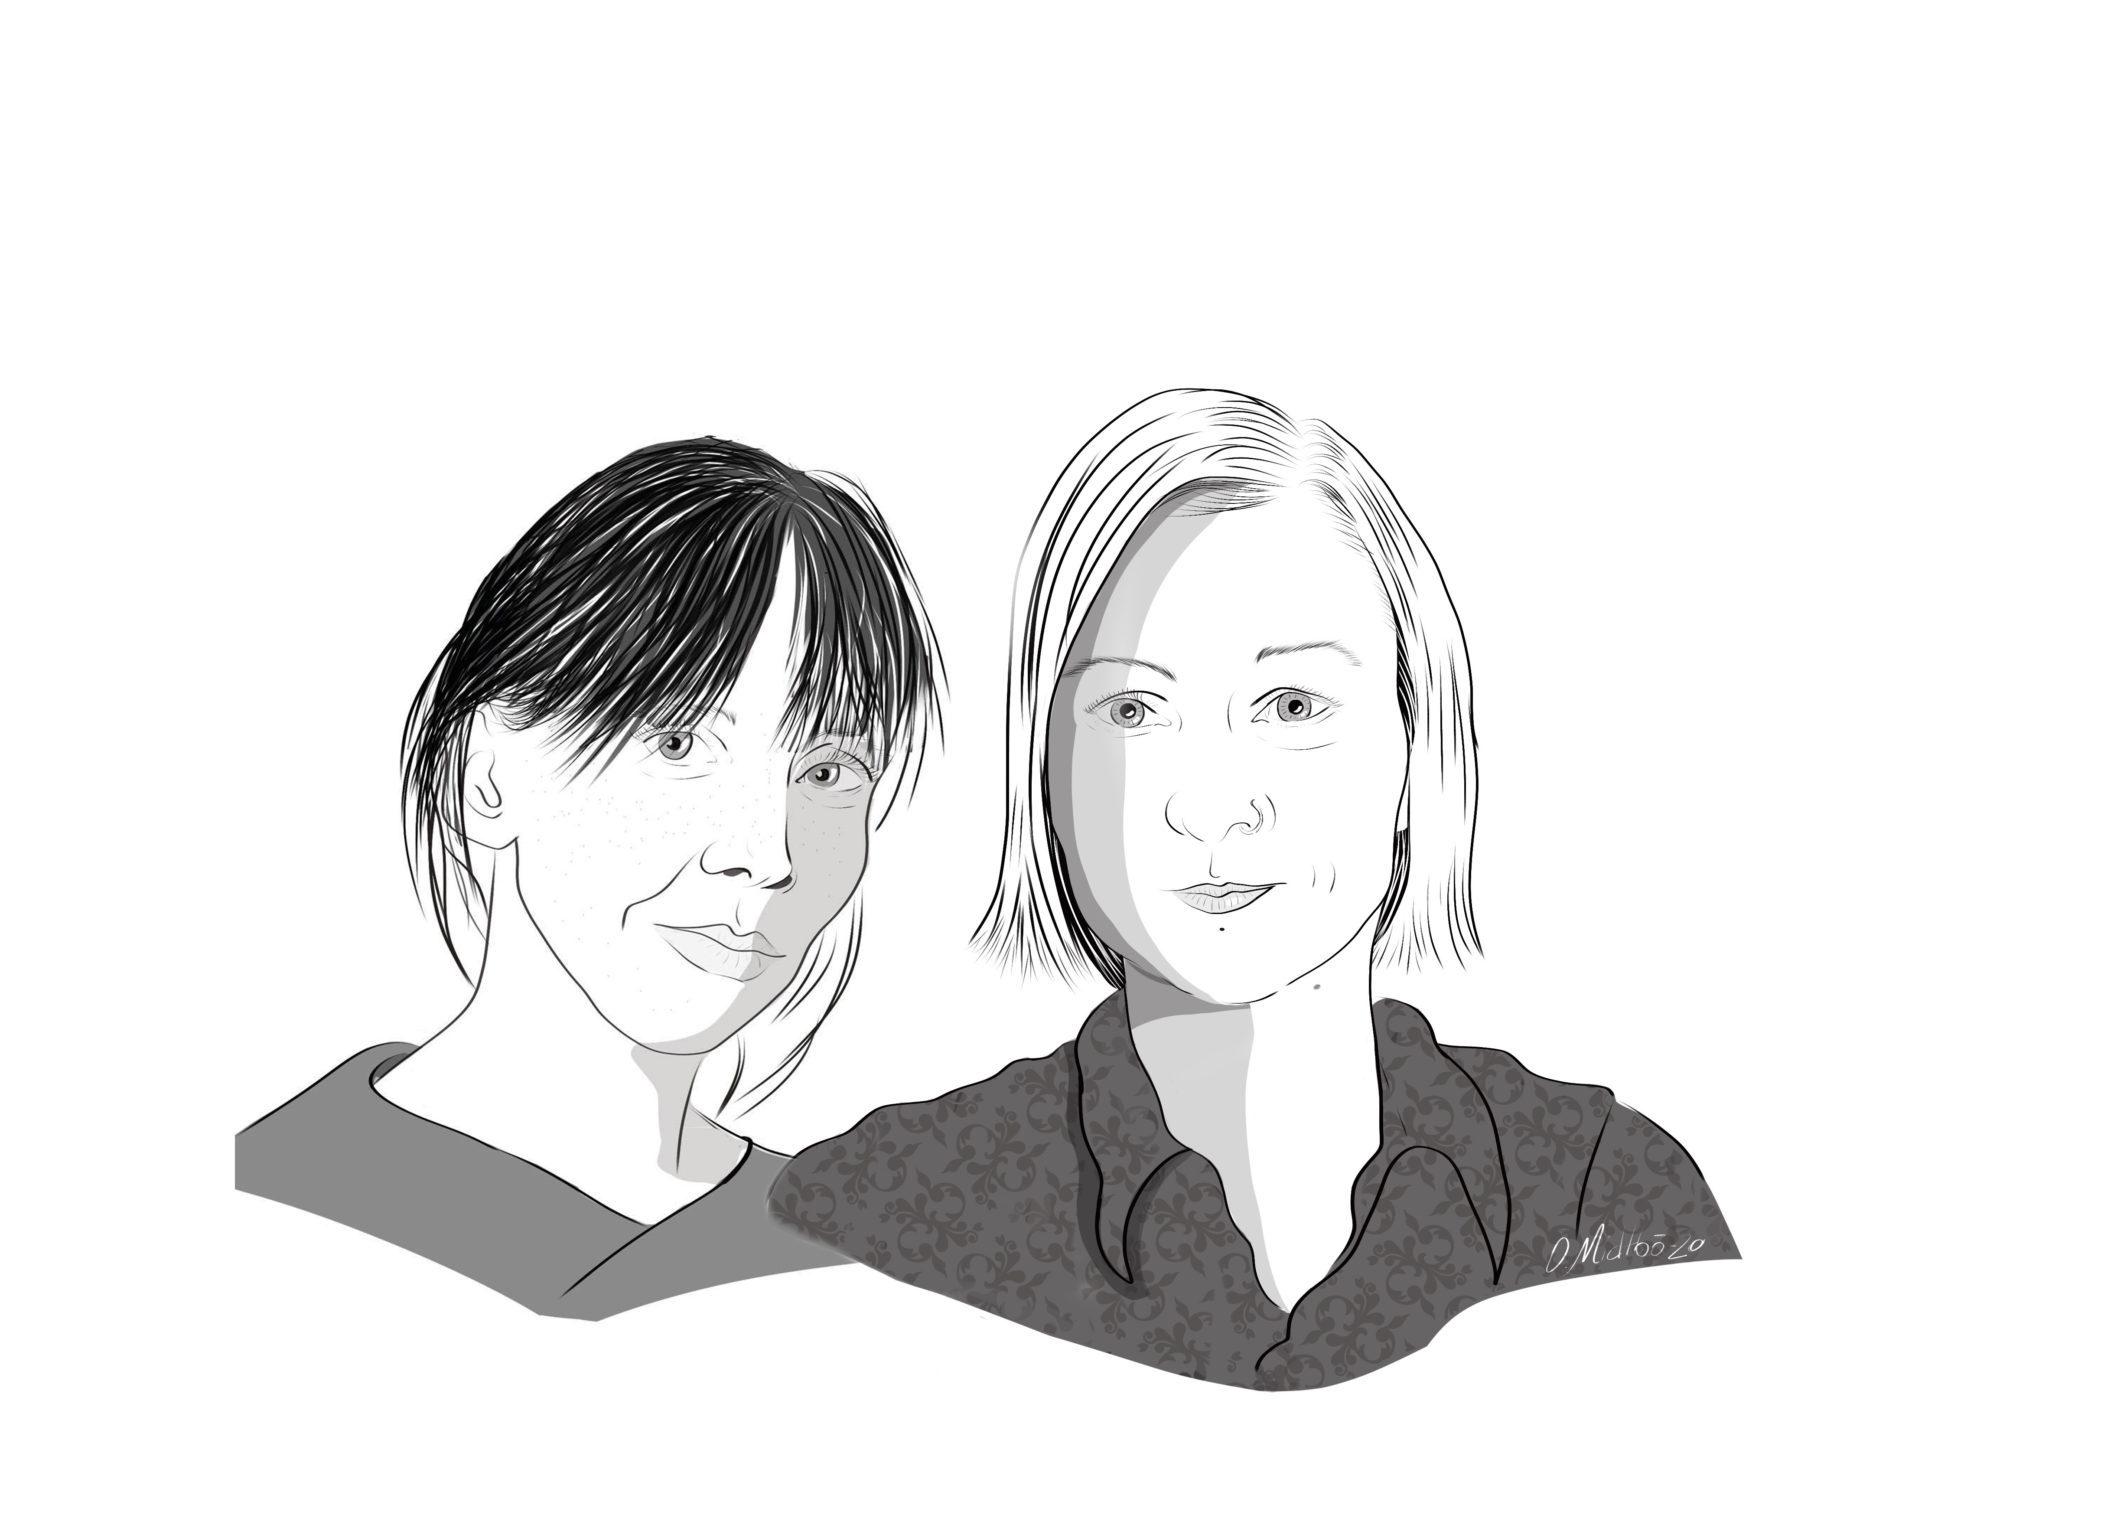 Norpublica-journalistene Kjersti Veel Krauss og Ida Løvdahl Ahlsen